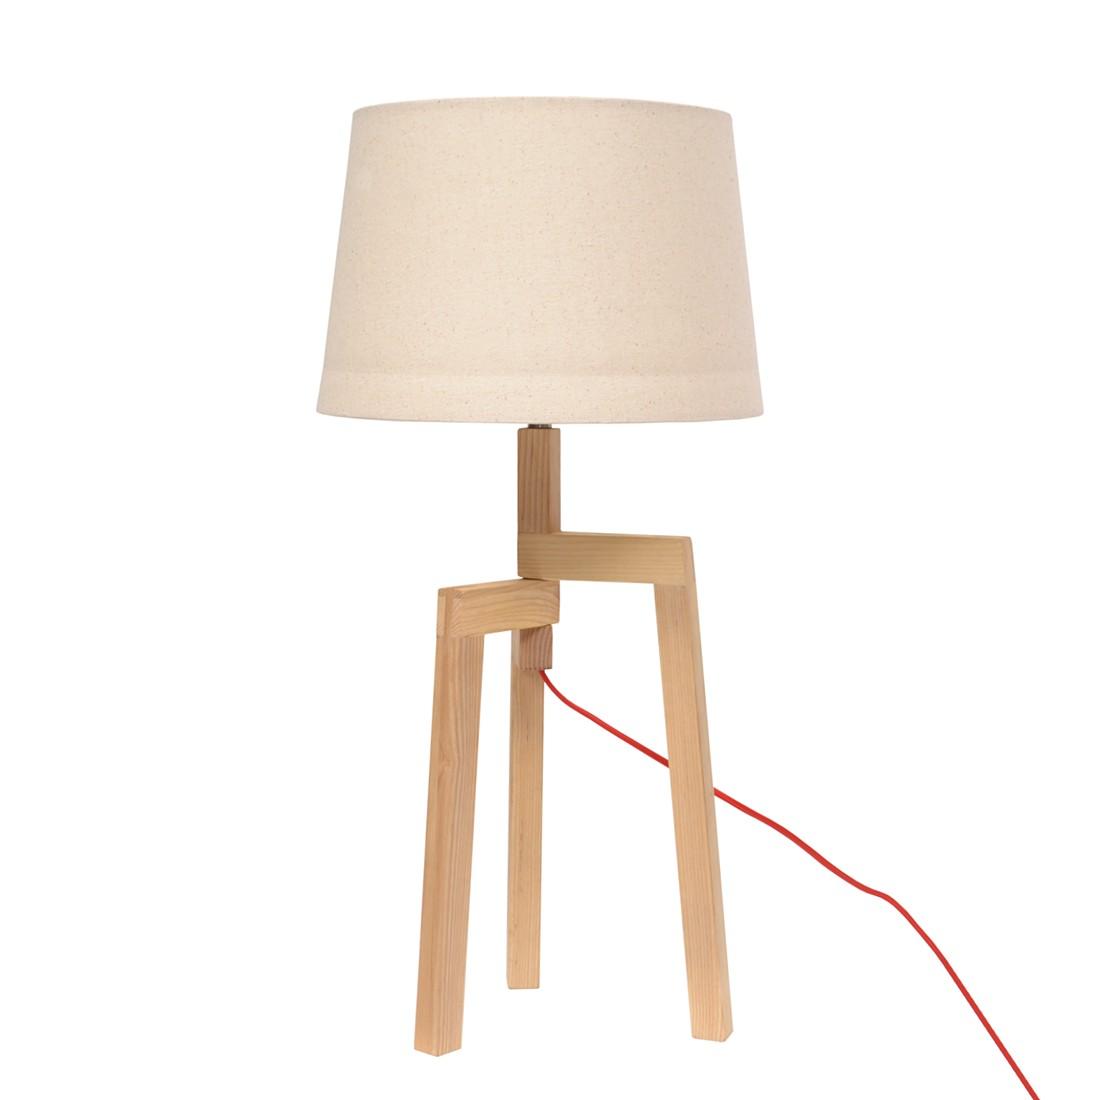 Tischleuchte Terra ● Holz/Leinen ● Beige- Lux A++